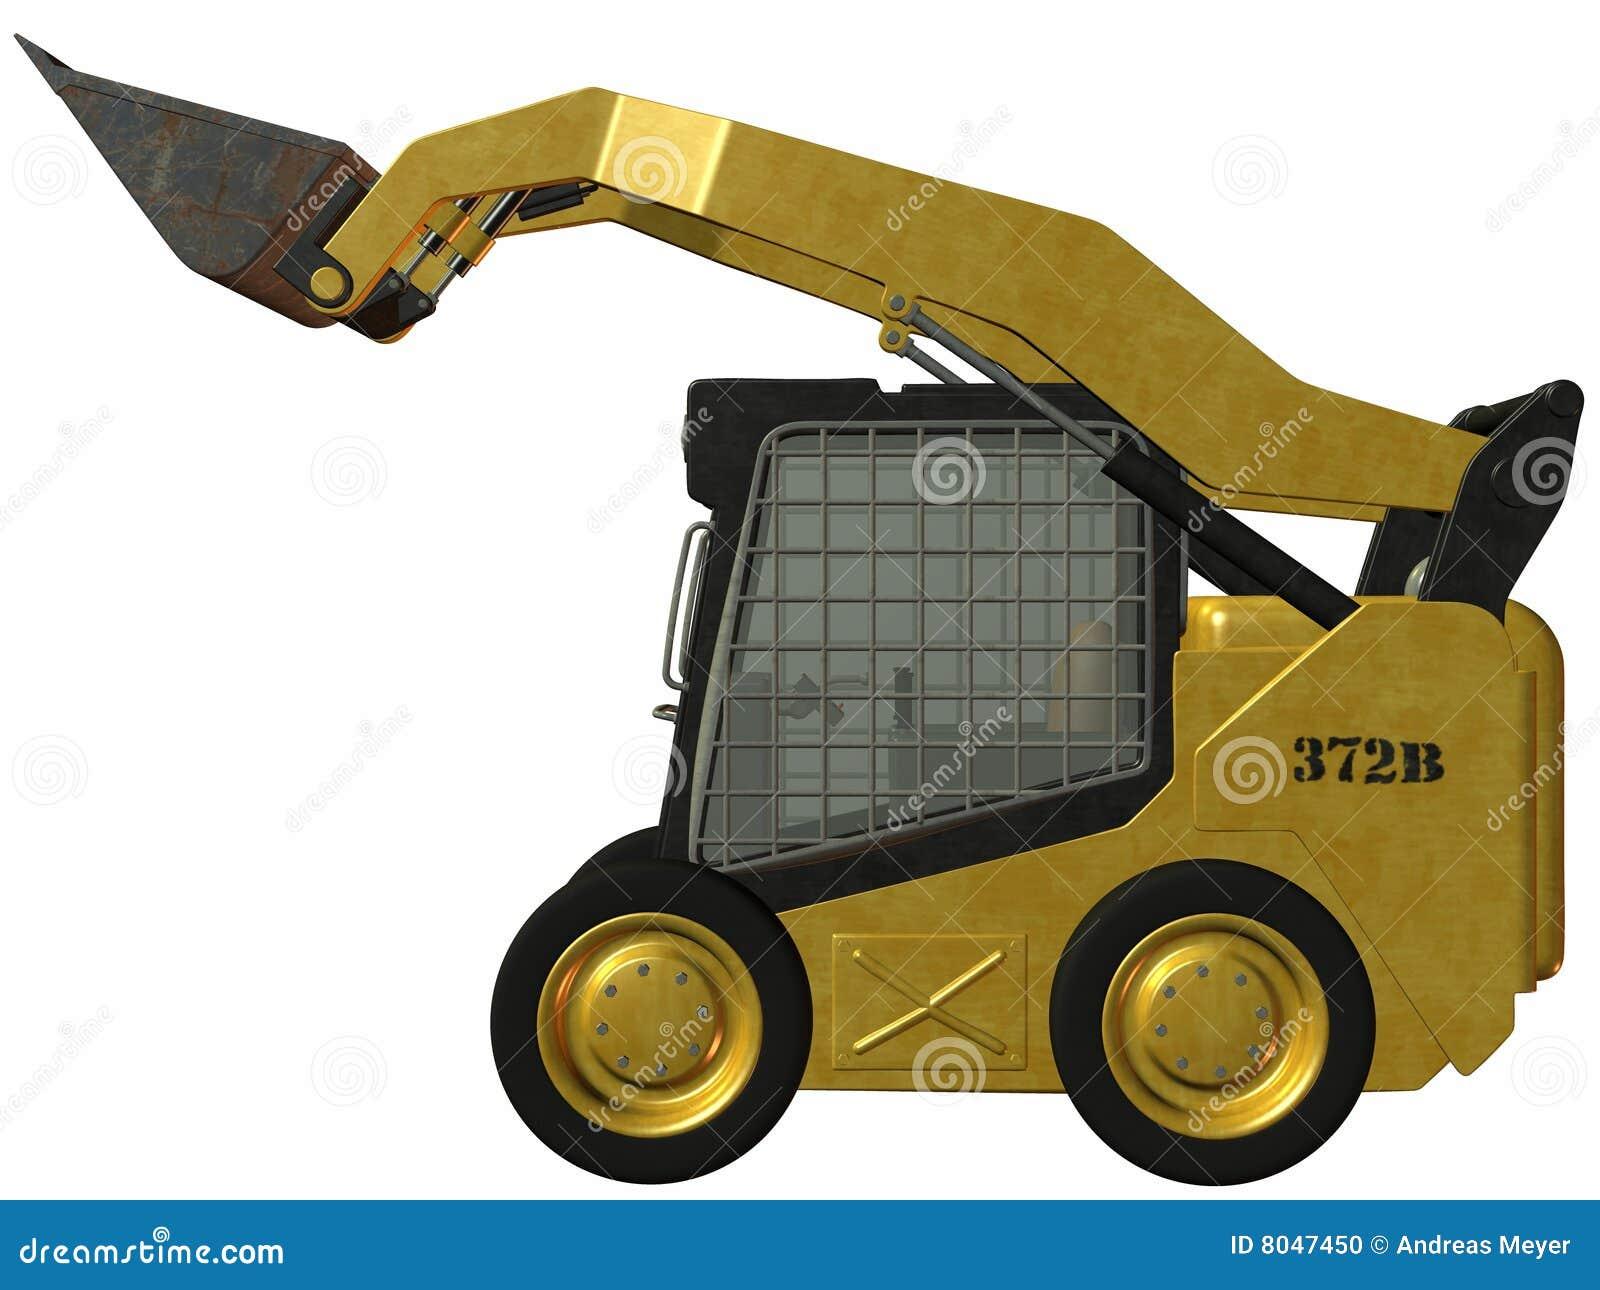 3d render of an skid steer loader